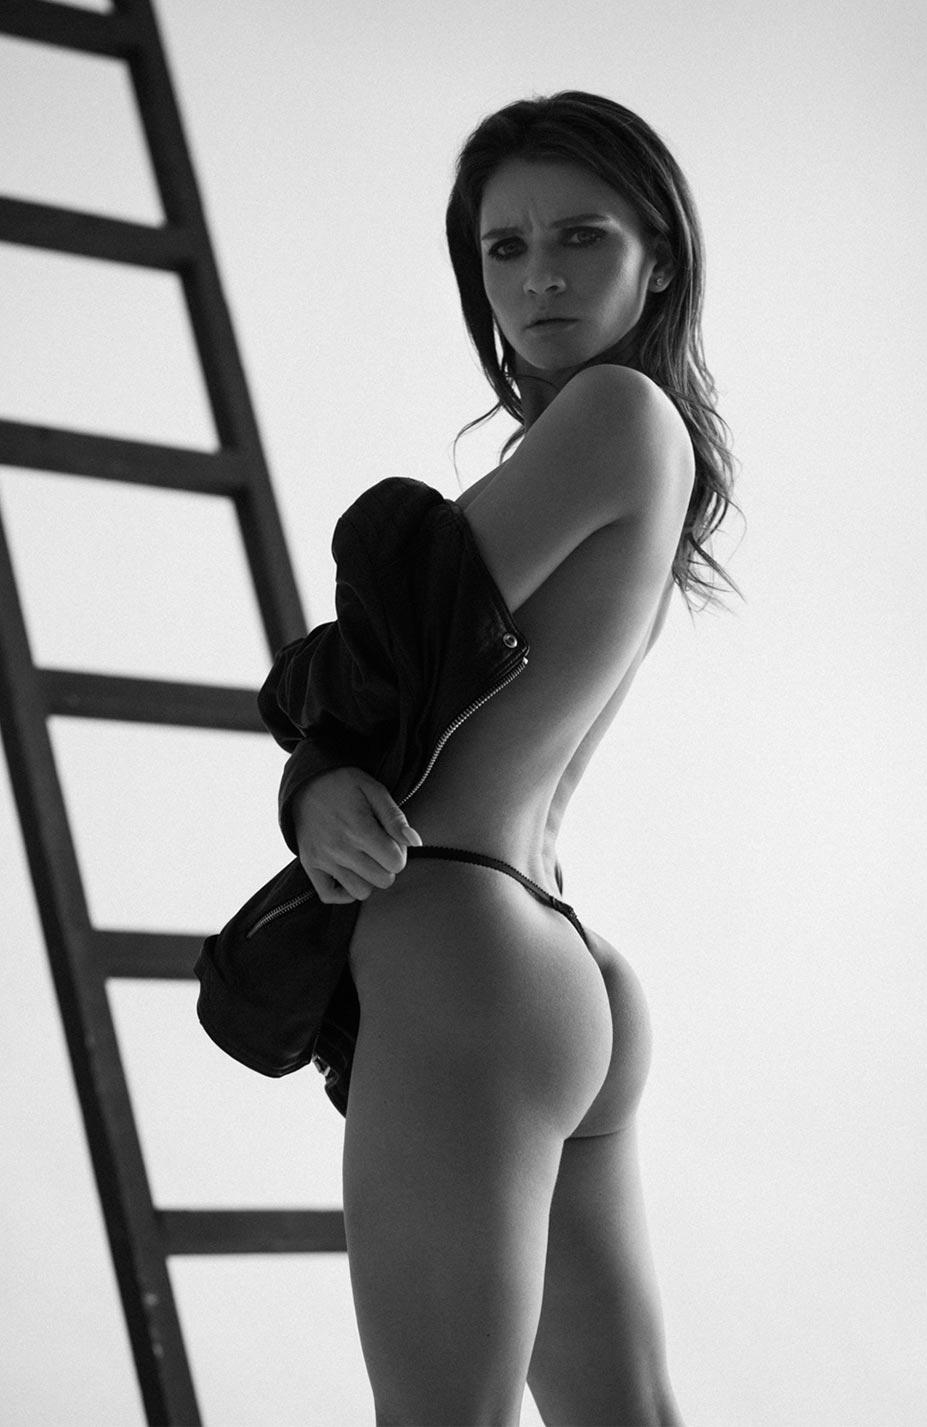 Кристина Макарова экспериментирует со стремянкой / фото 12